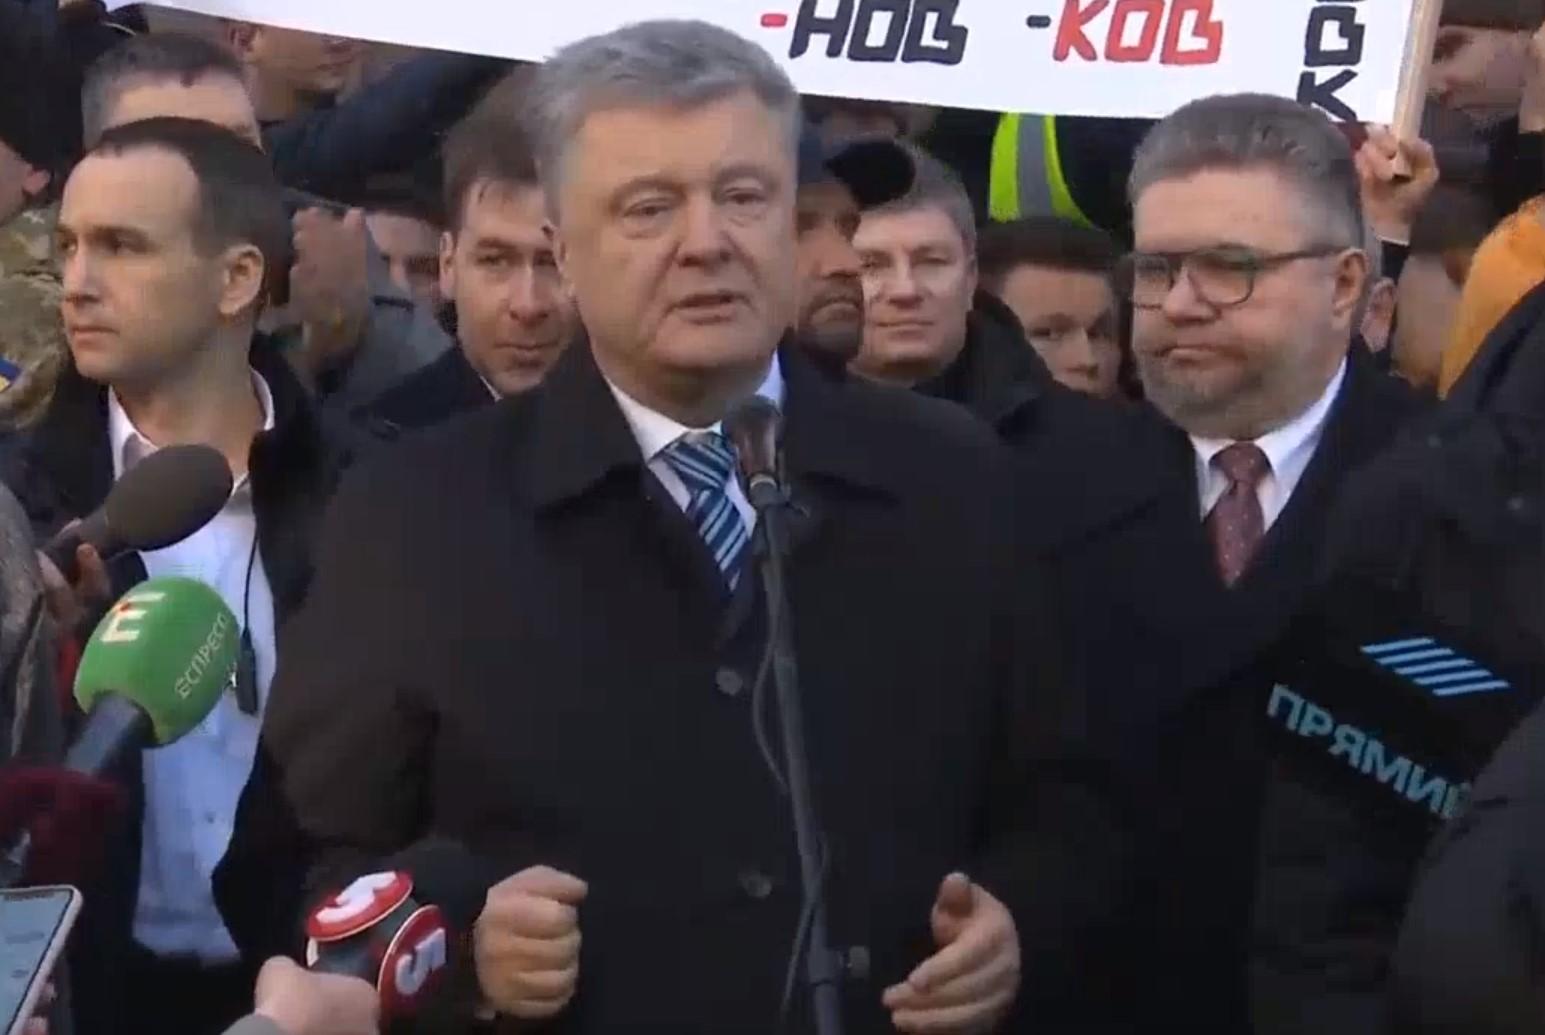 Порошенко у стен ГБР призвал Зеленского не превращаться в Януковича